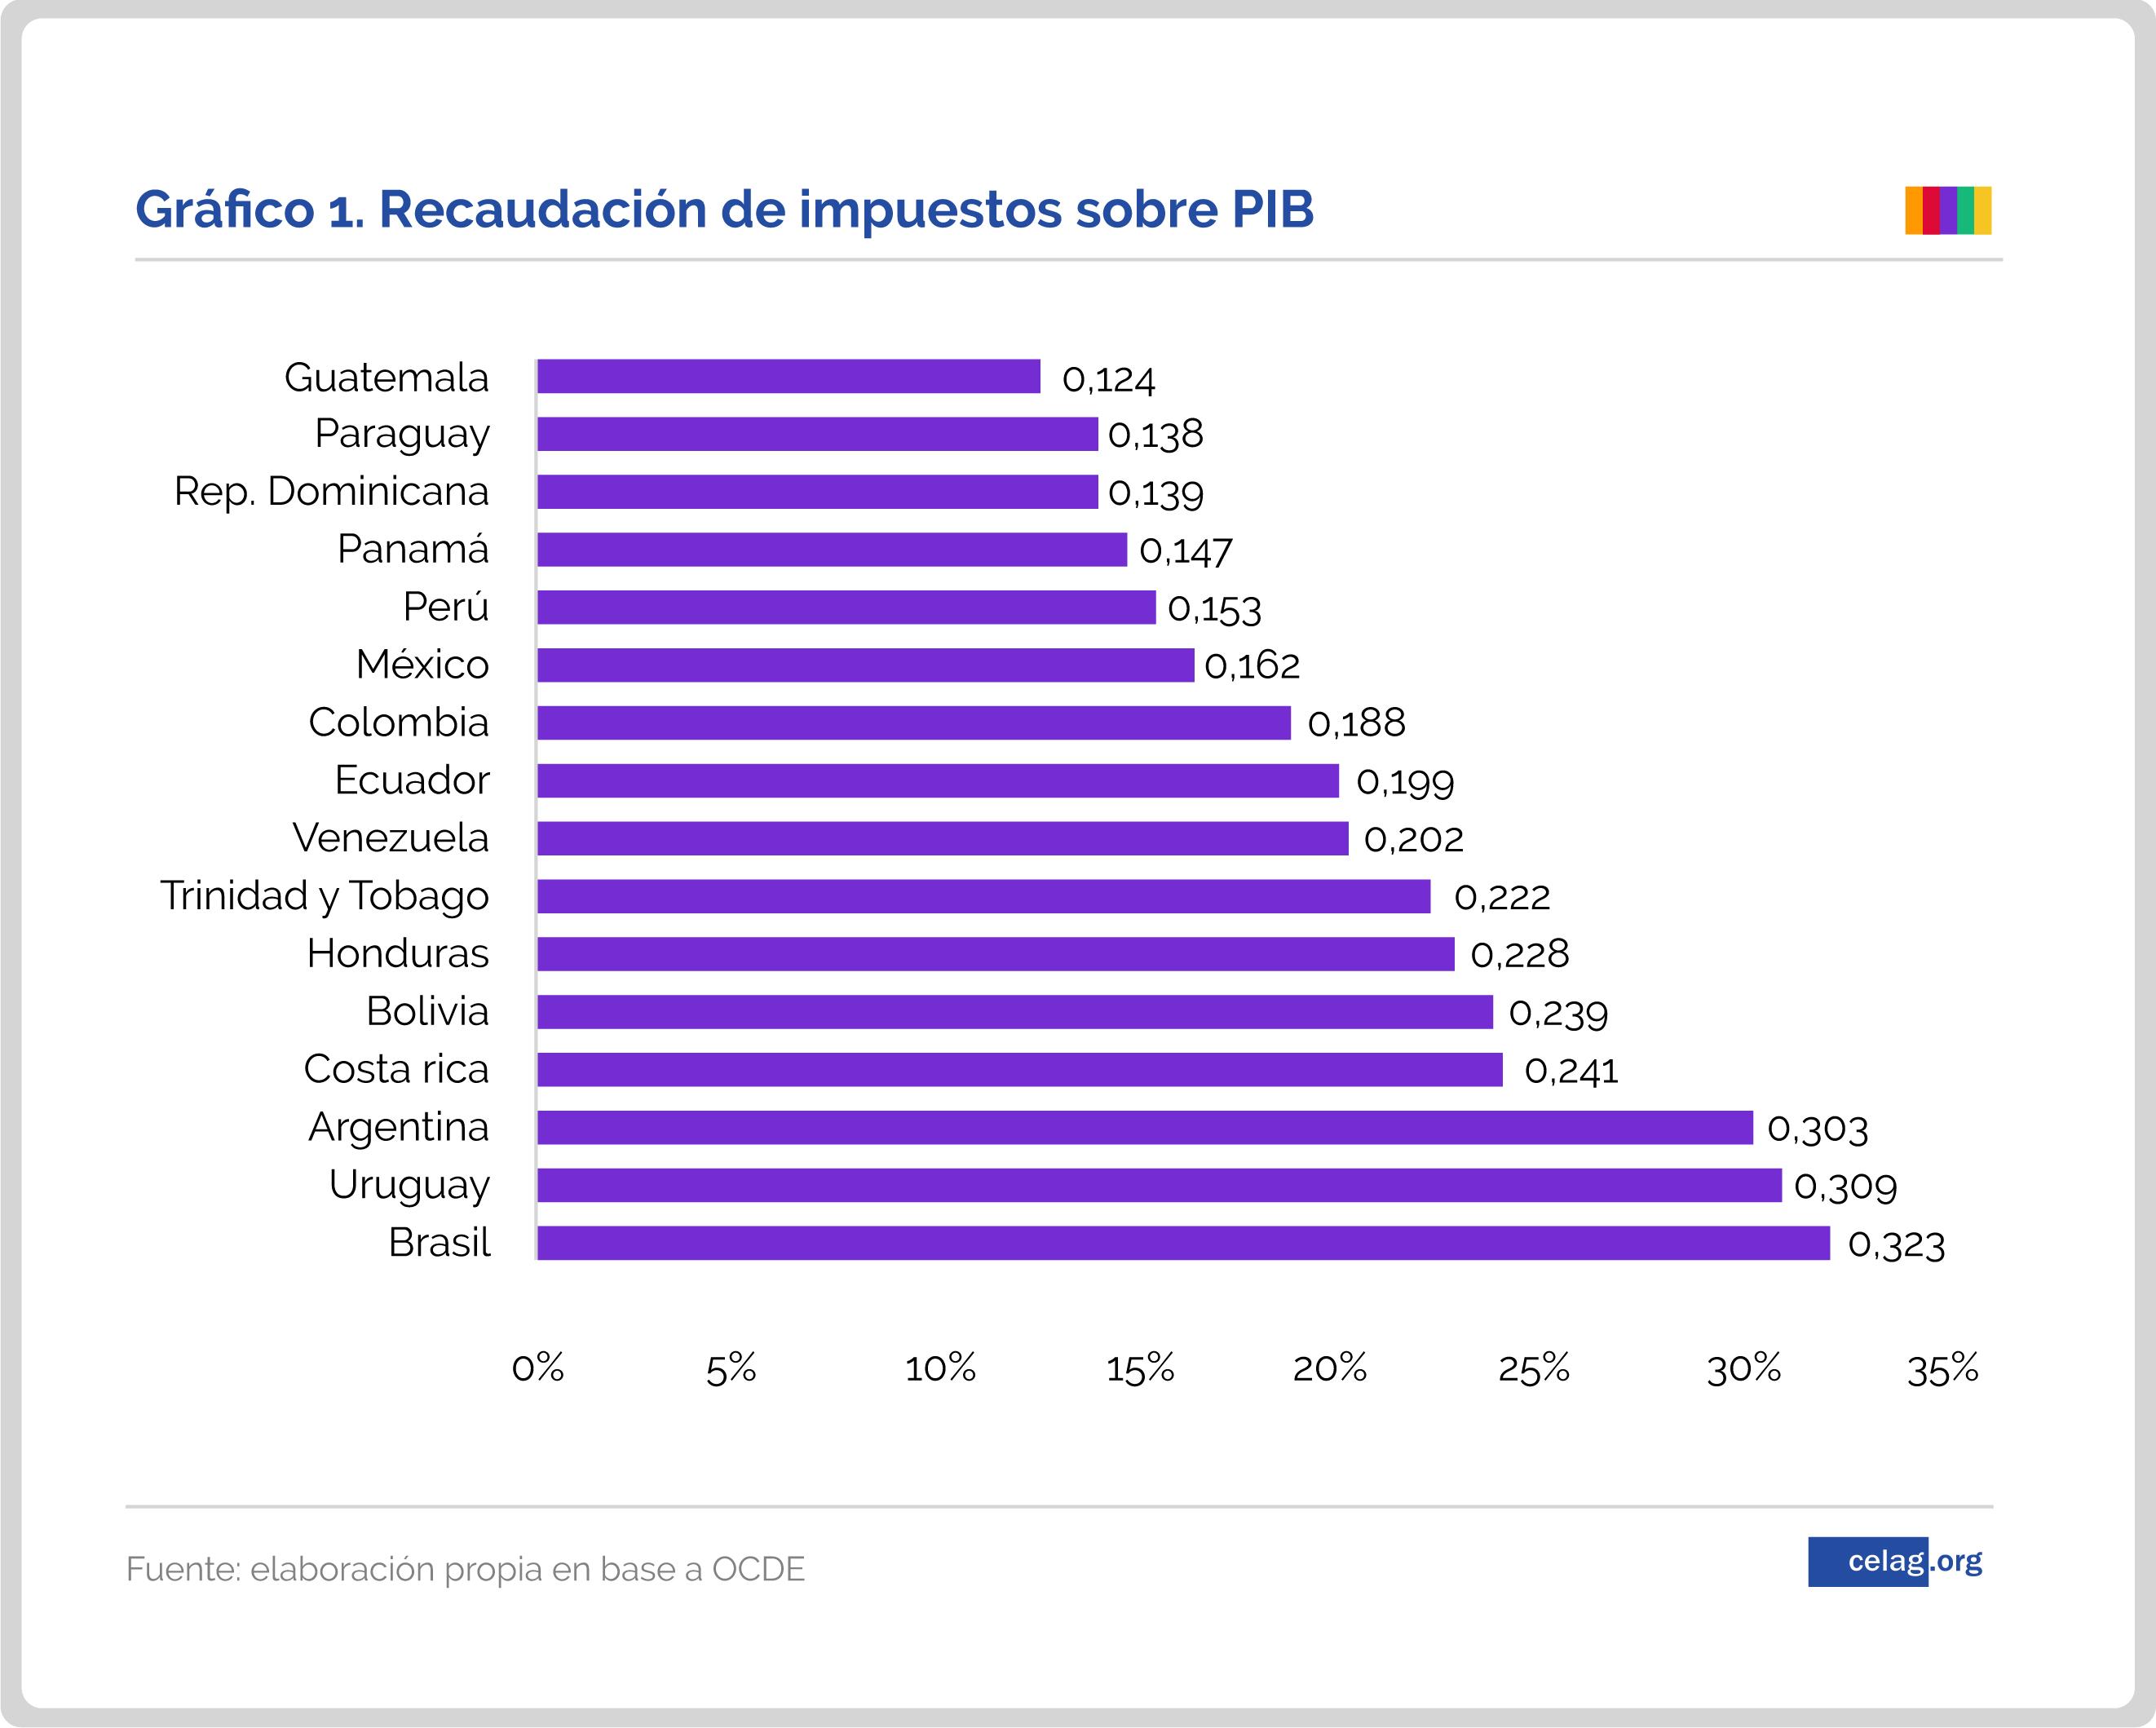 Recaudacion de impuestos sobre PIB Paraguay